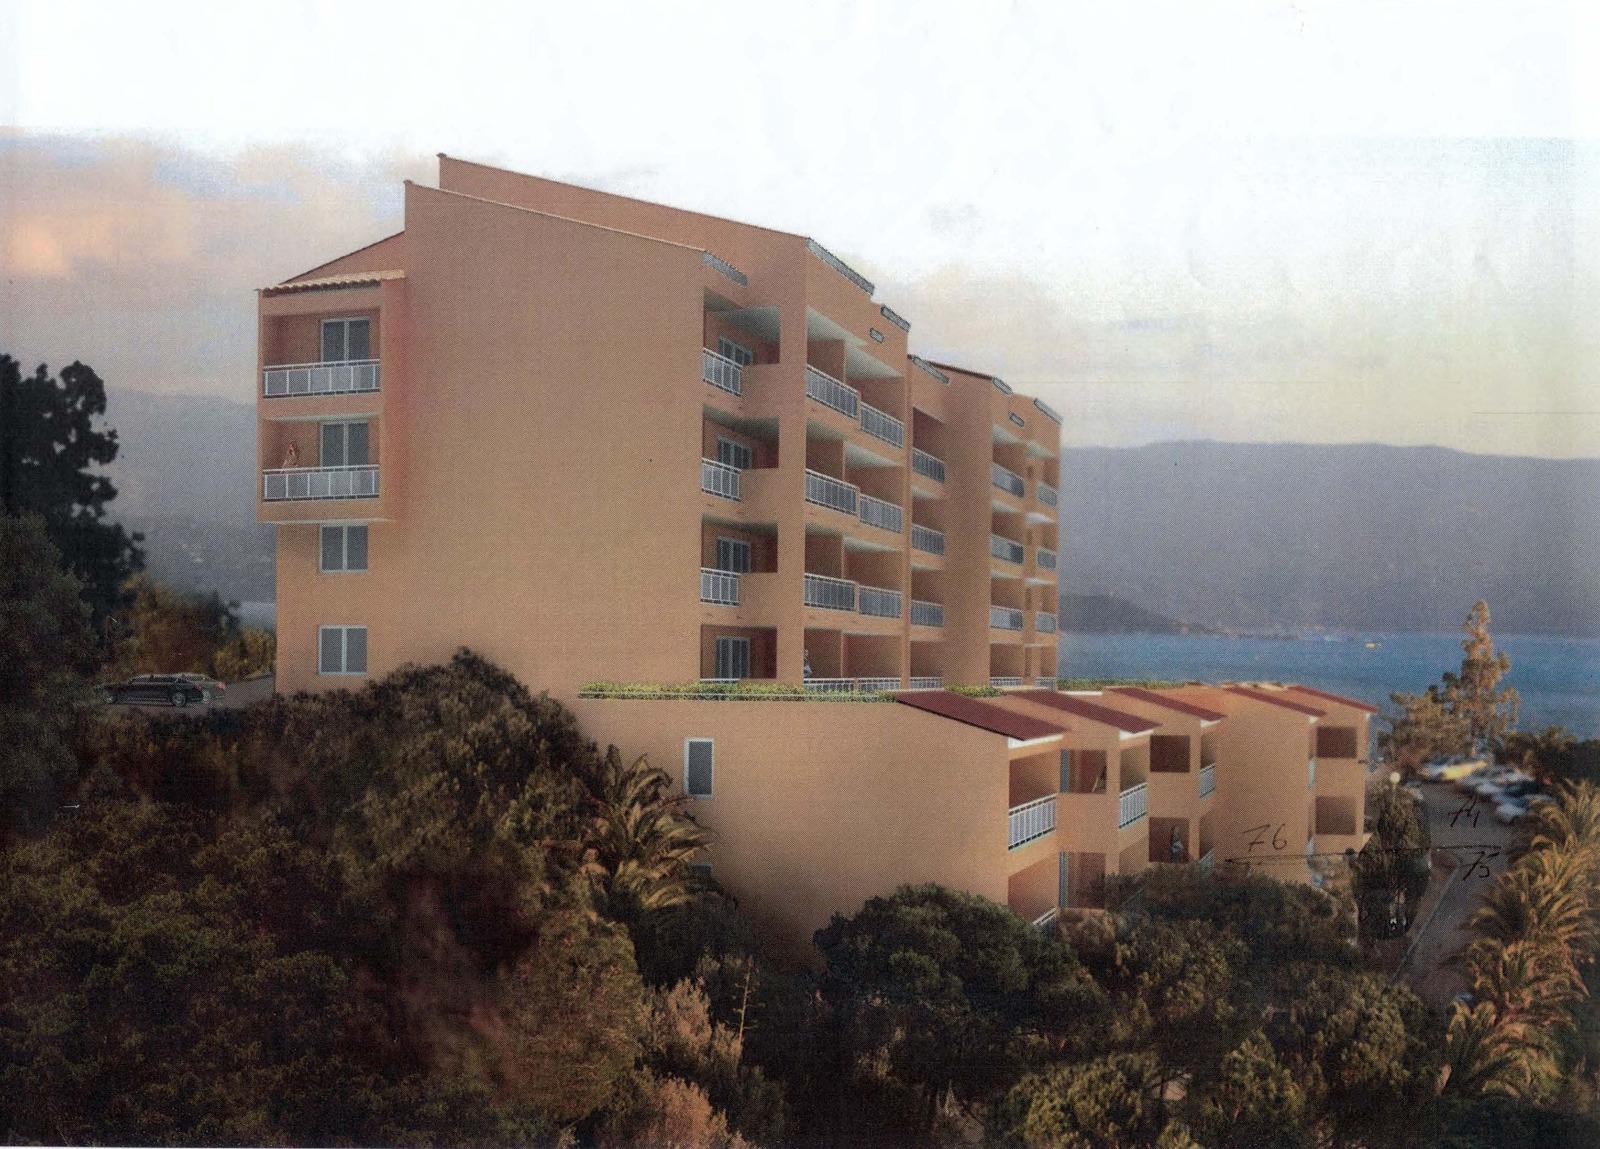 Vente appartements Ajaccio (20000), 46m² avec 2 pièce(s). Sacré ...